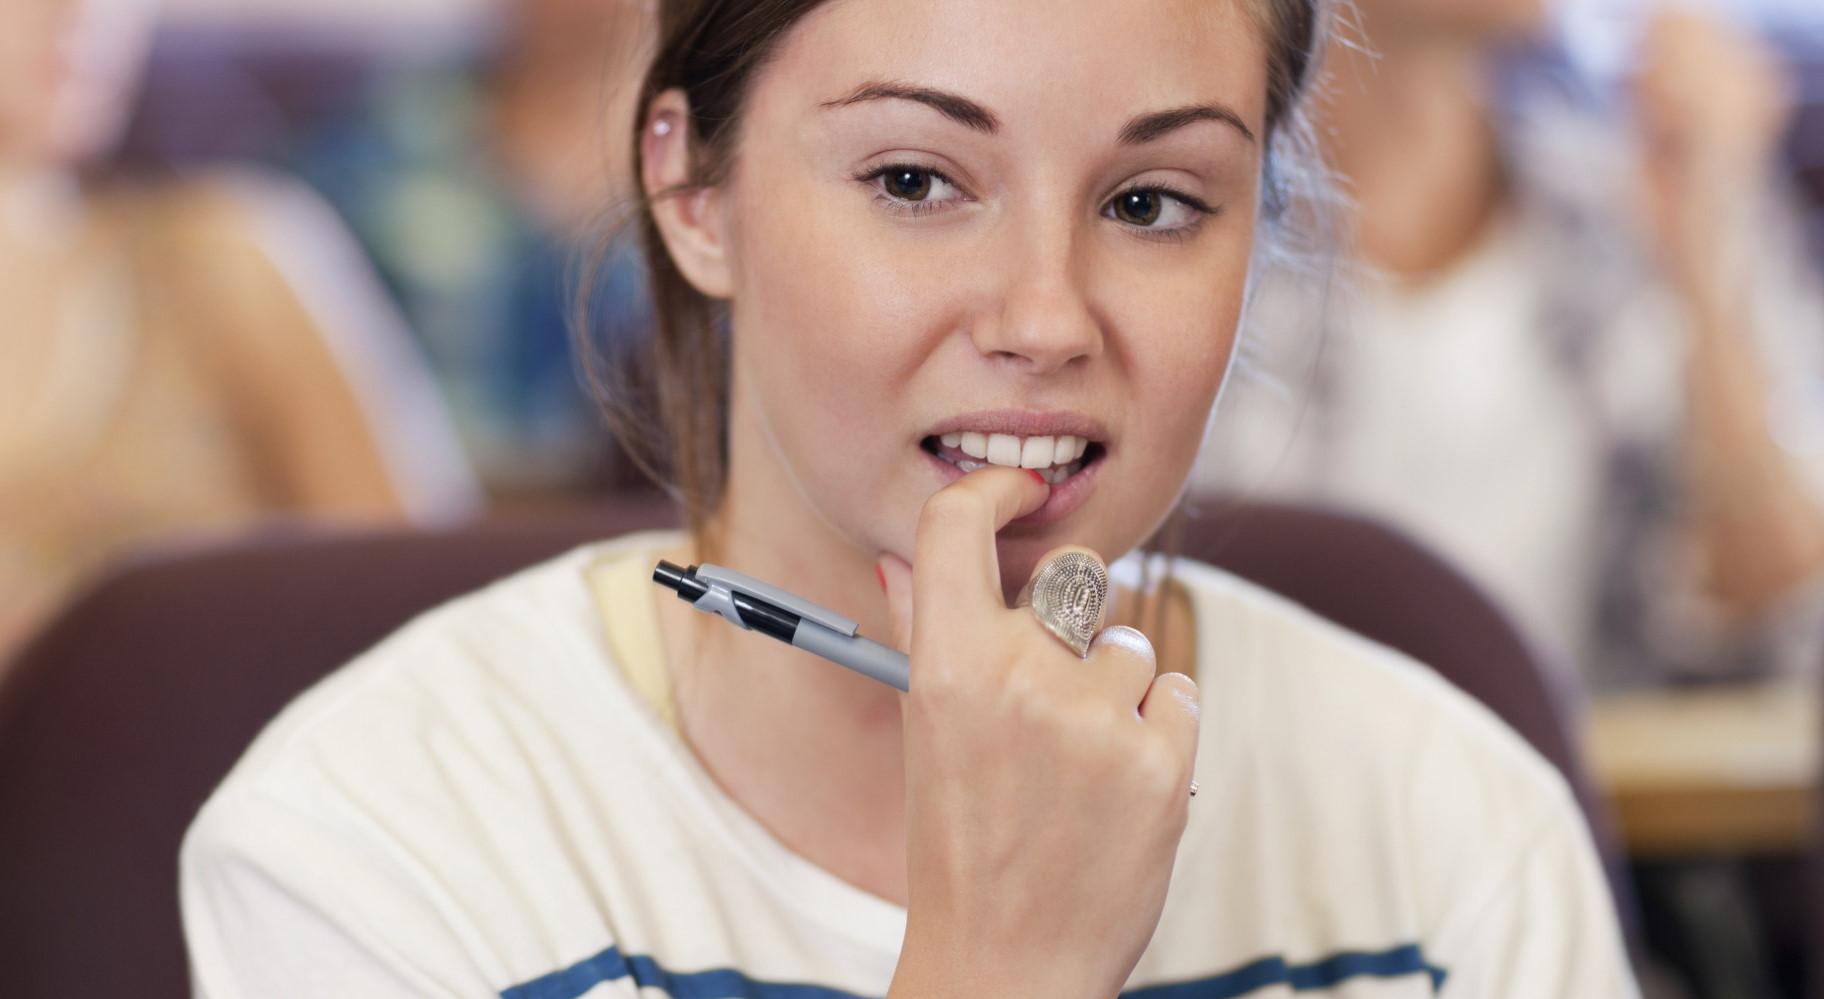 Συνήθειες που φθείρουν τα δόντια μας